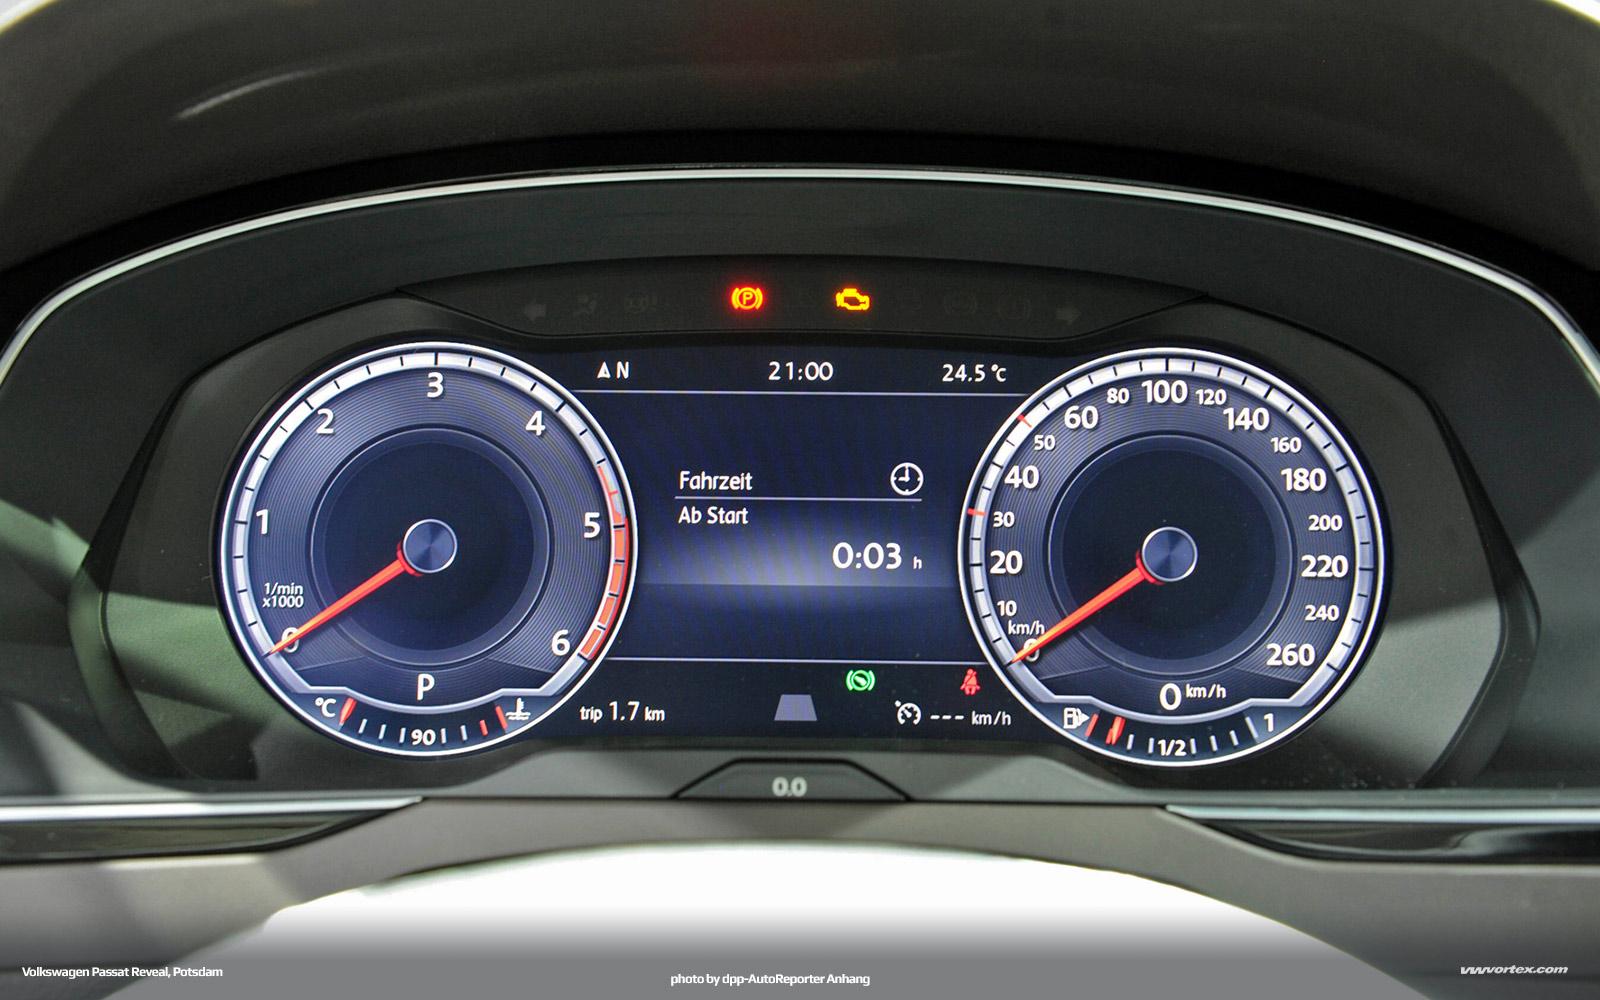 2014-Volkswagen-Passat-VIII-MQB-Reveal-Potsdam-648